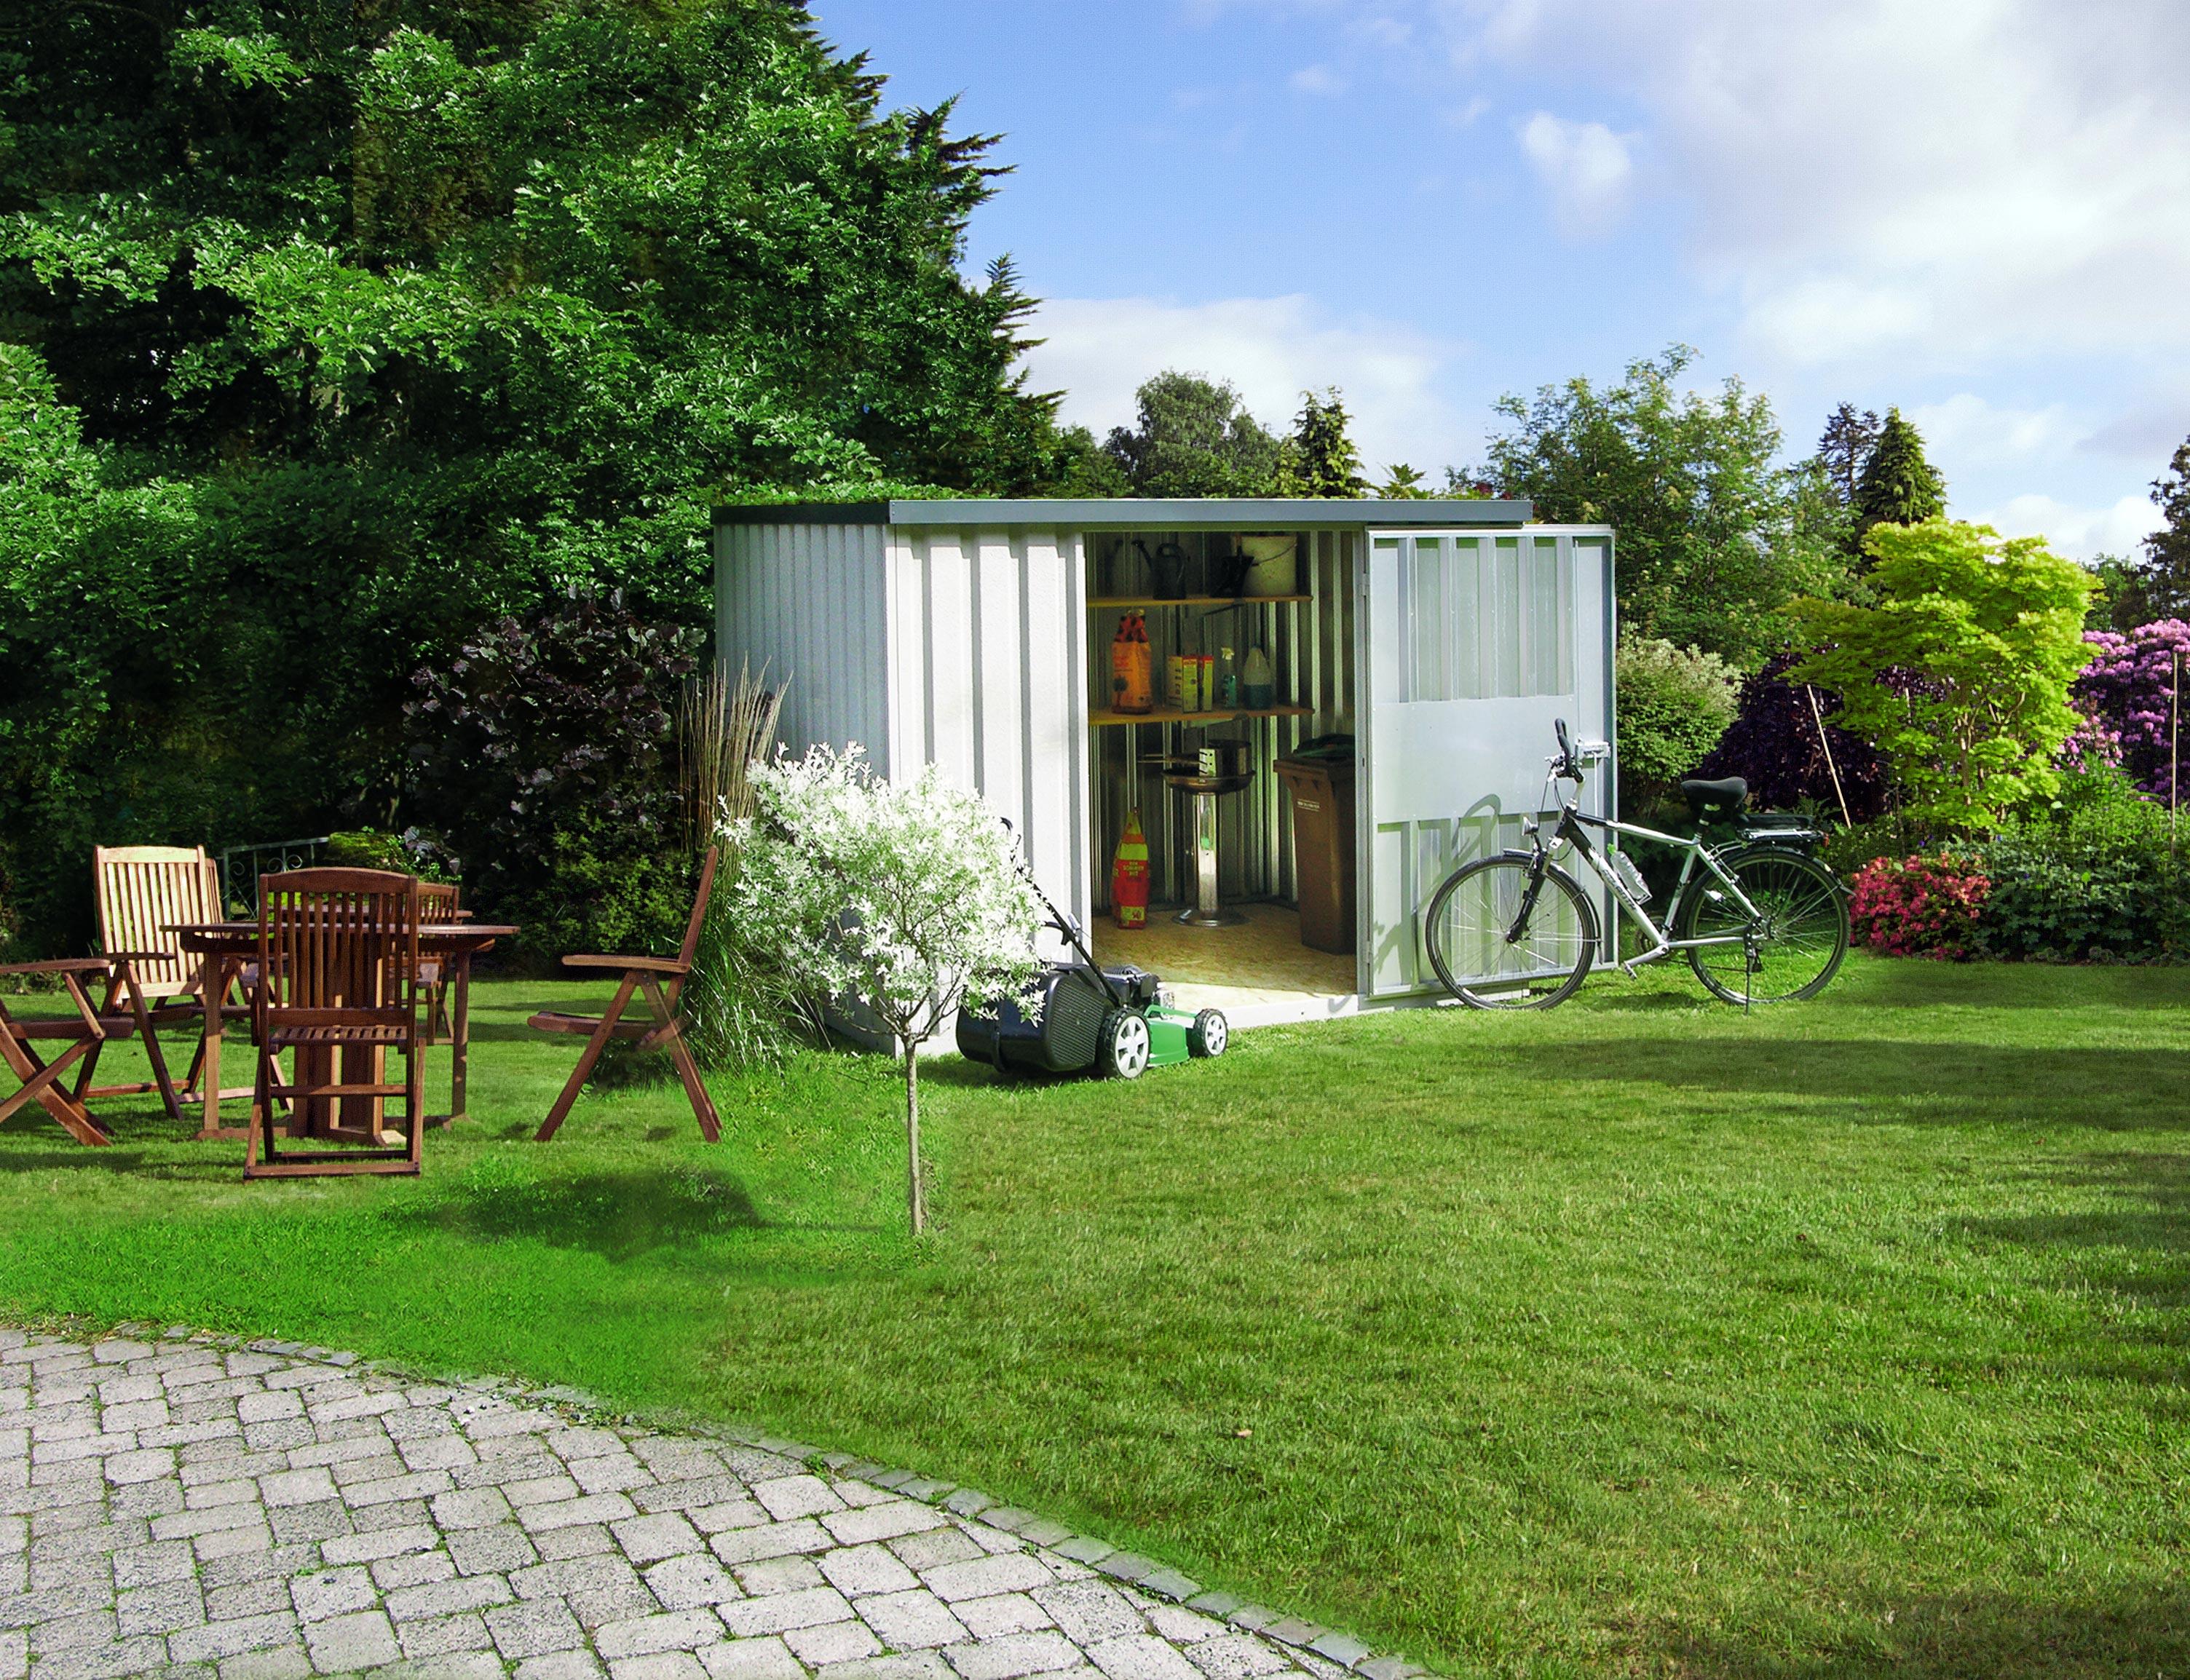 Lagerhalle bauwagen halle gartenhaus kleinlagerhalle - Container als gartenhaus ...